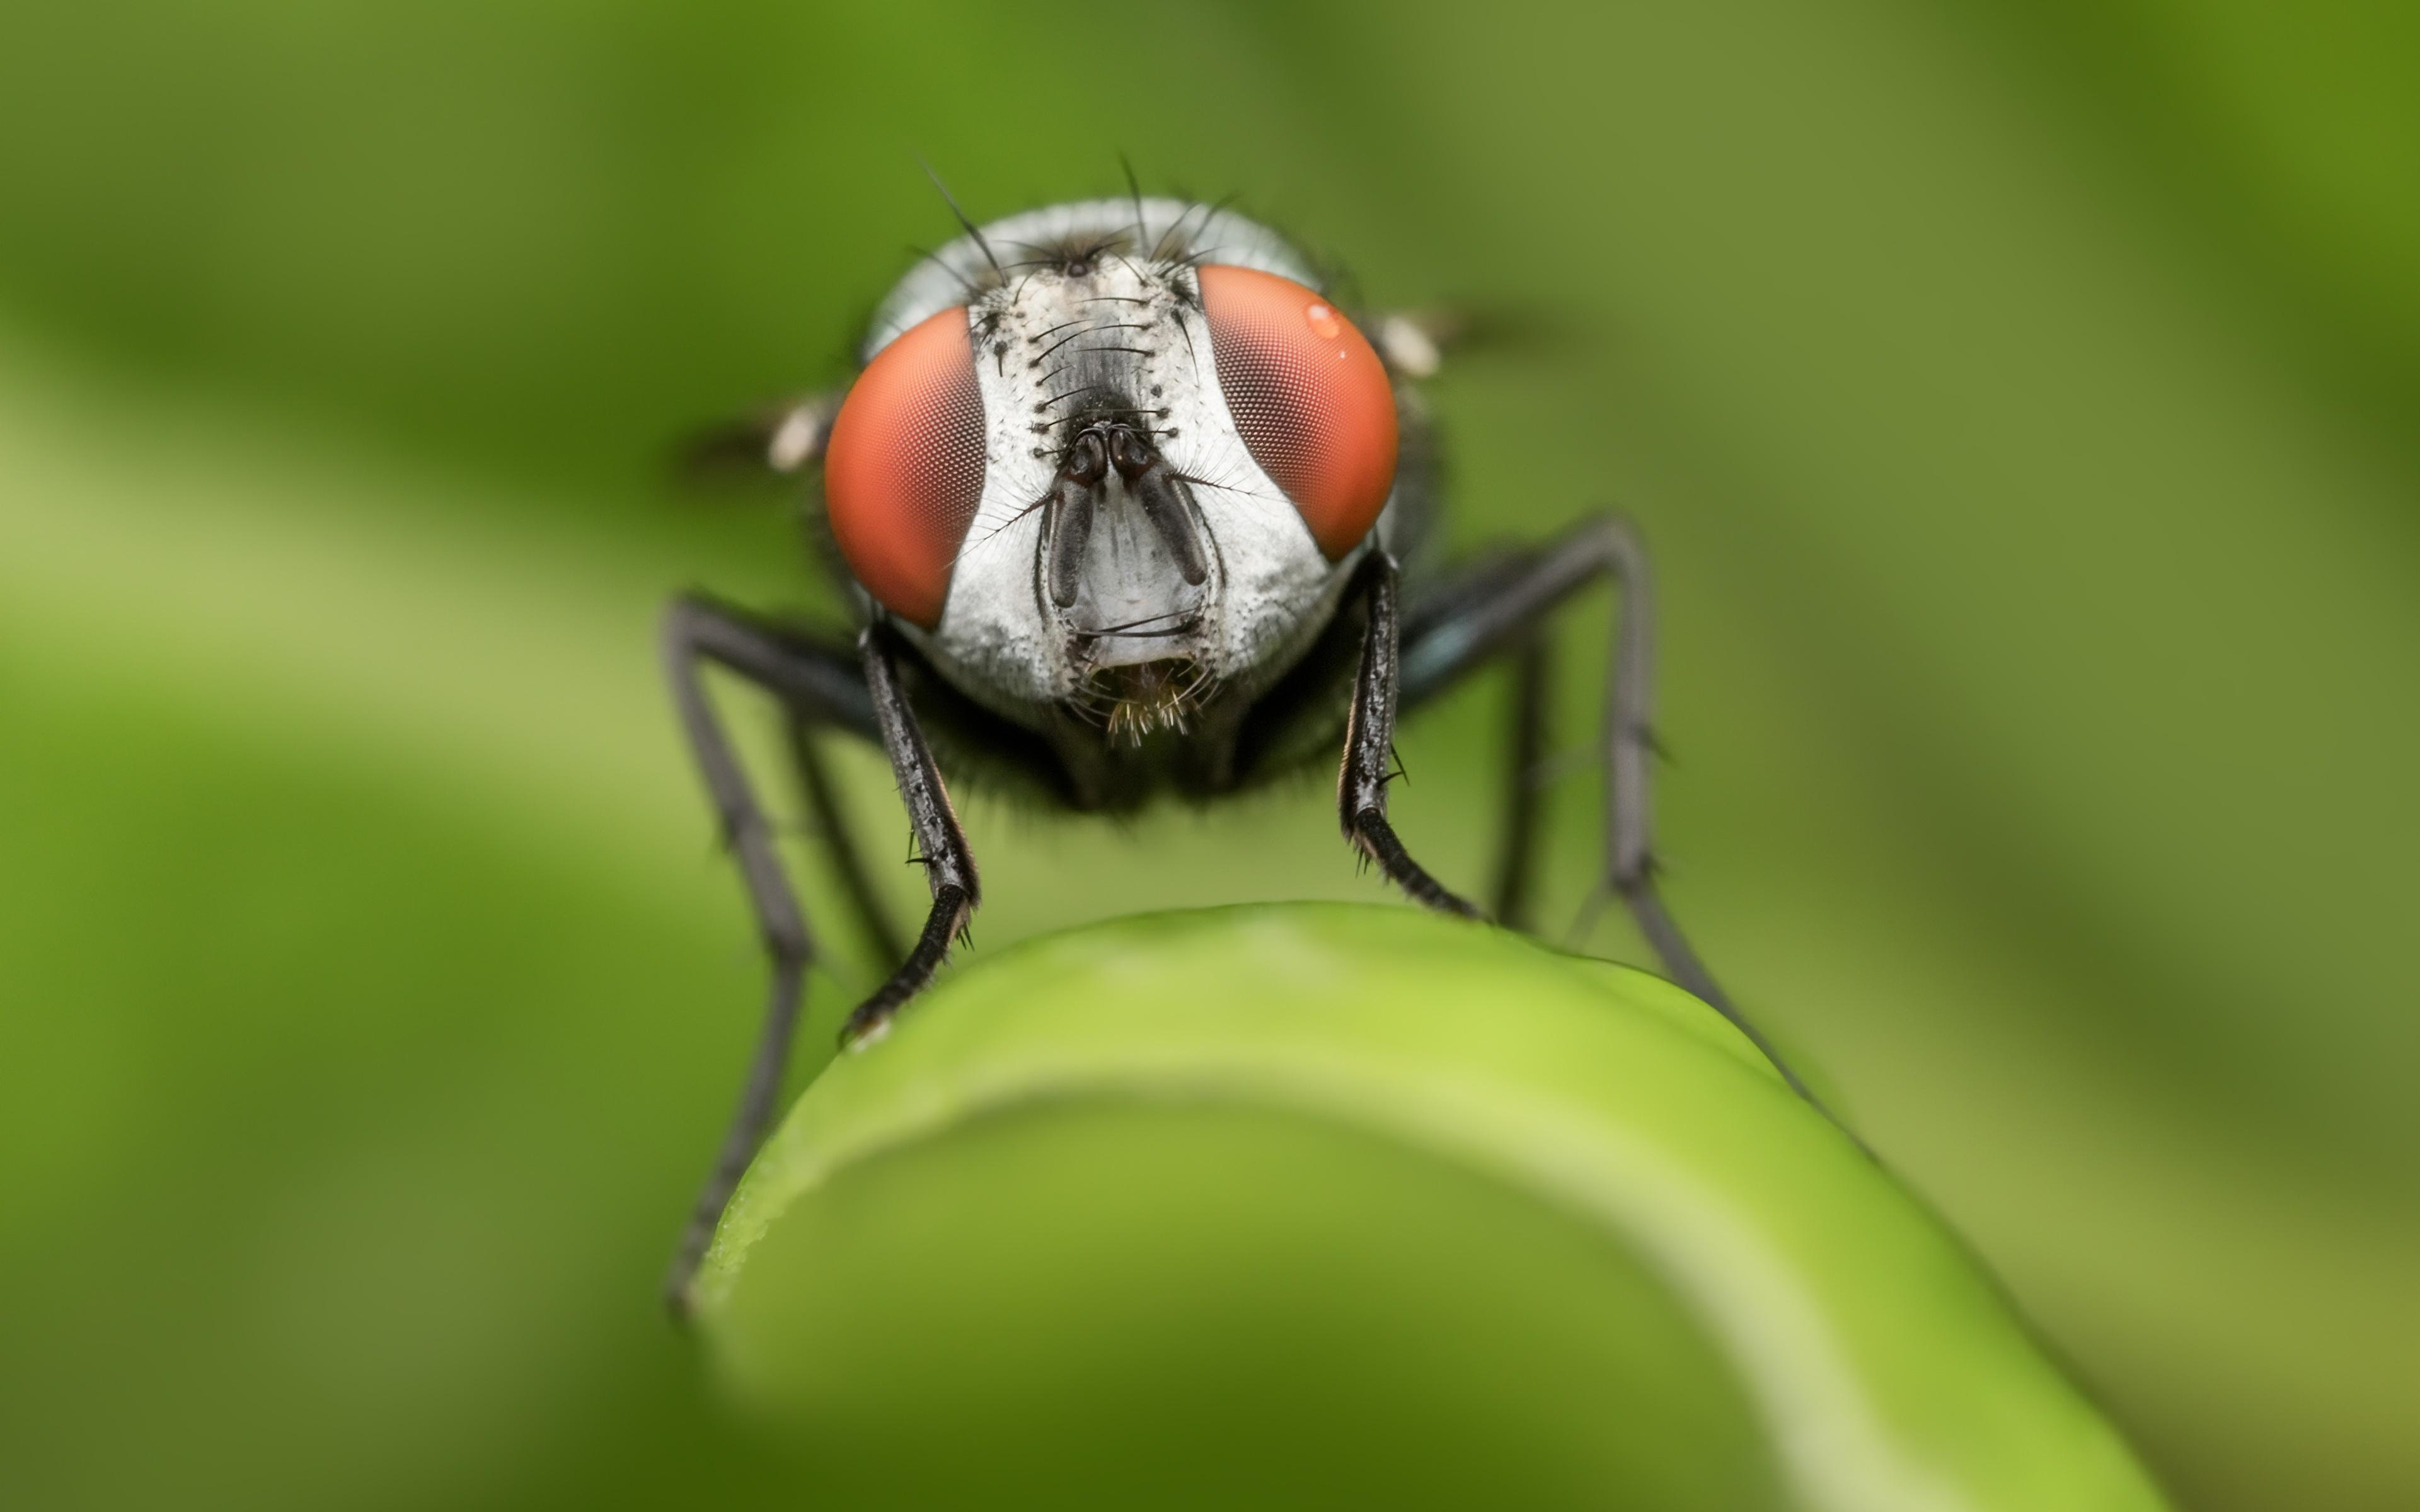 Bilder von Fliegen Bokeh Tiere hautnah 3840x2400 unscharfer Hintergrund ein Tier Nahaufnahme Großansicht